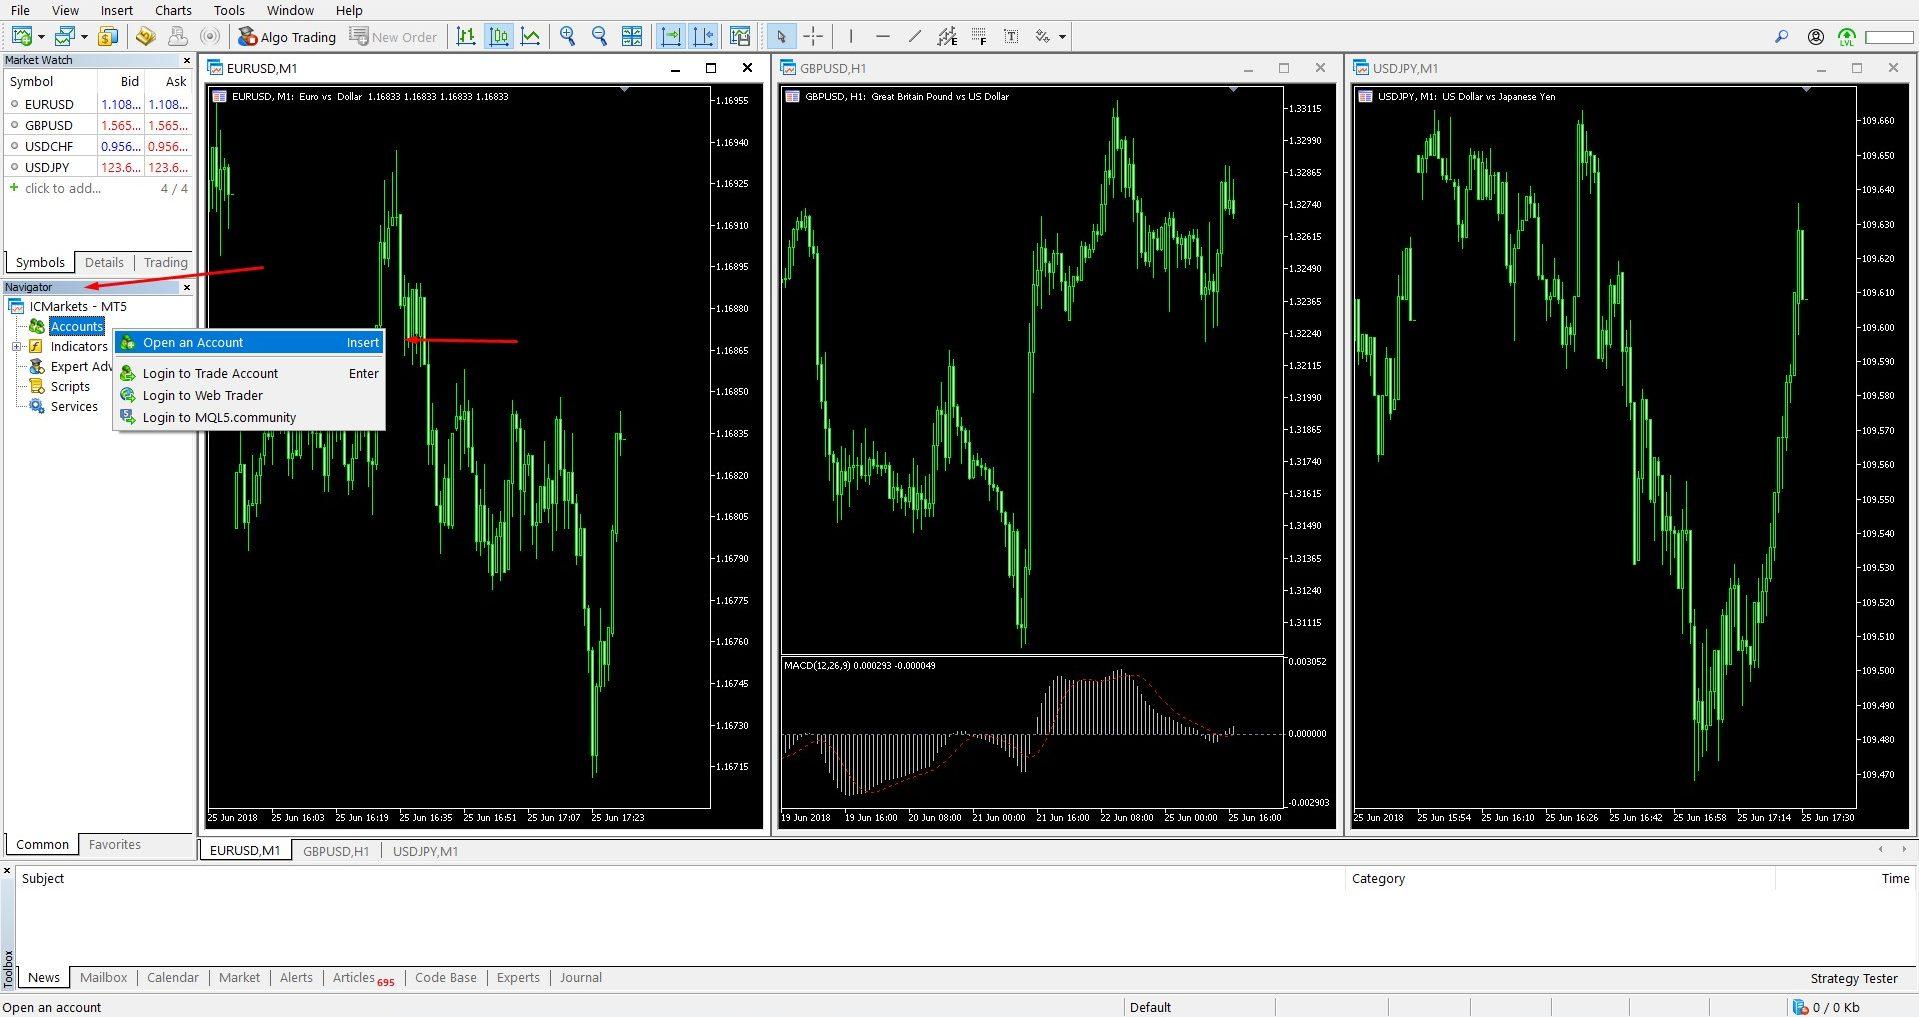 MetaTrader 5 Platform - AtoZ Markets